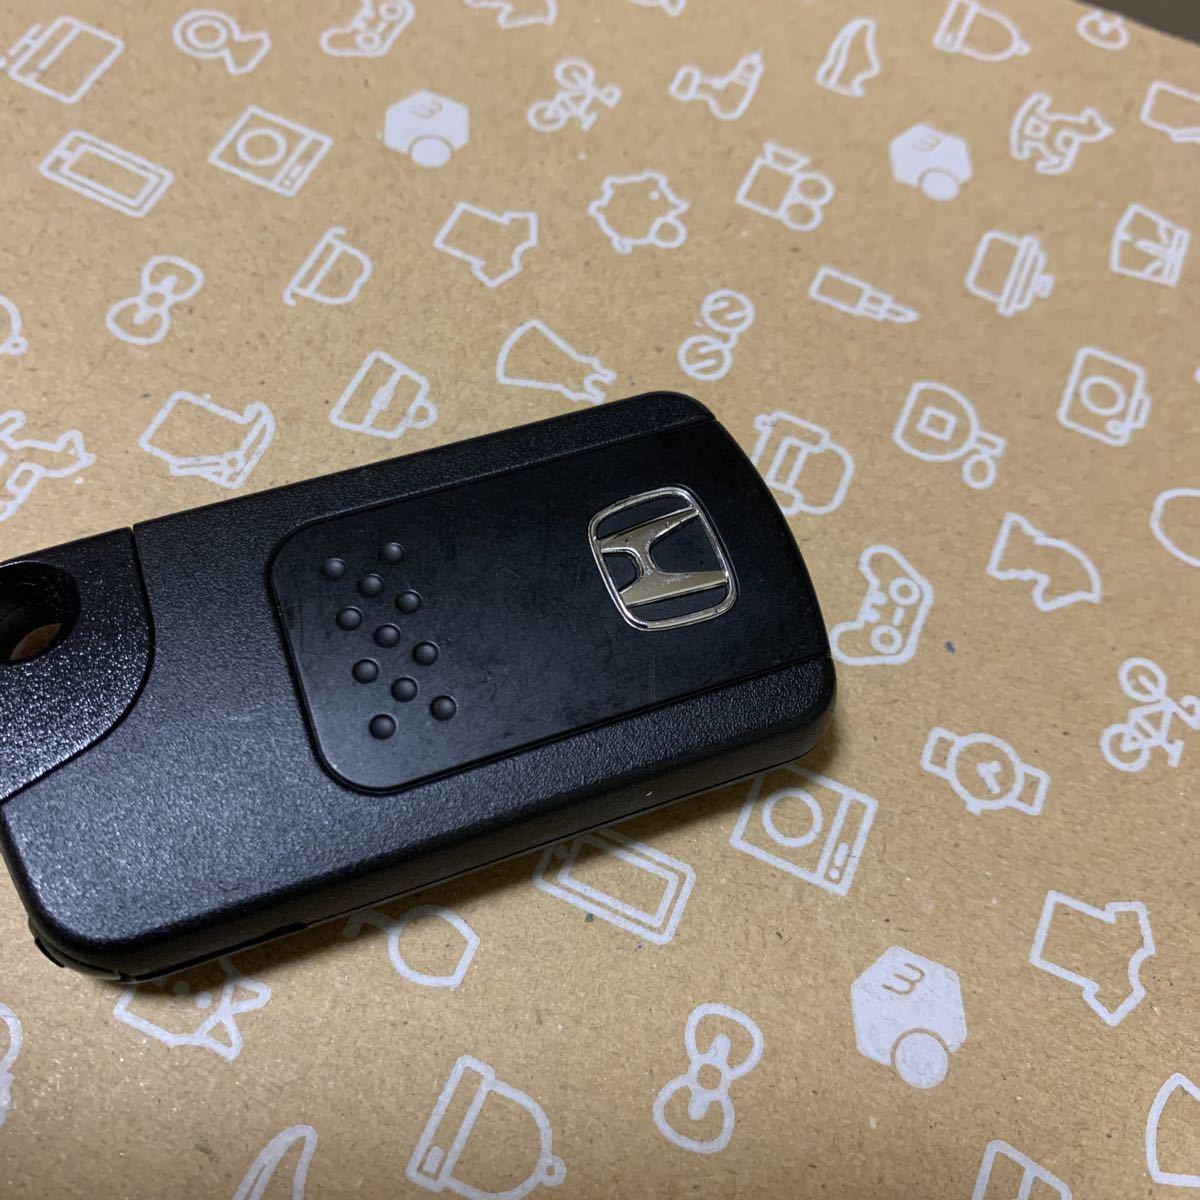 ホンダ RK ステップワゴン スパーダ スマートキー 両側パワースライドドア 4ボタン/72147-SZW-J71 美品    12_画像3